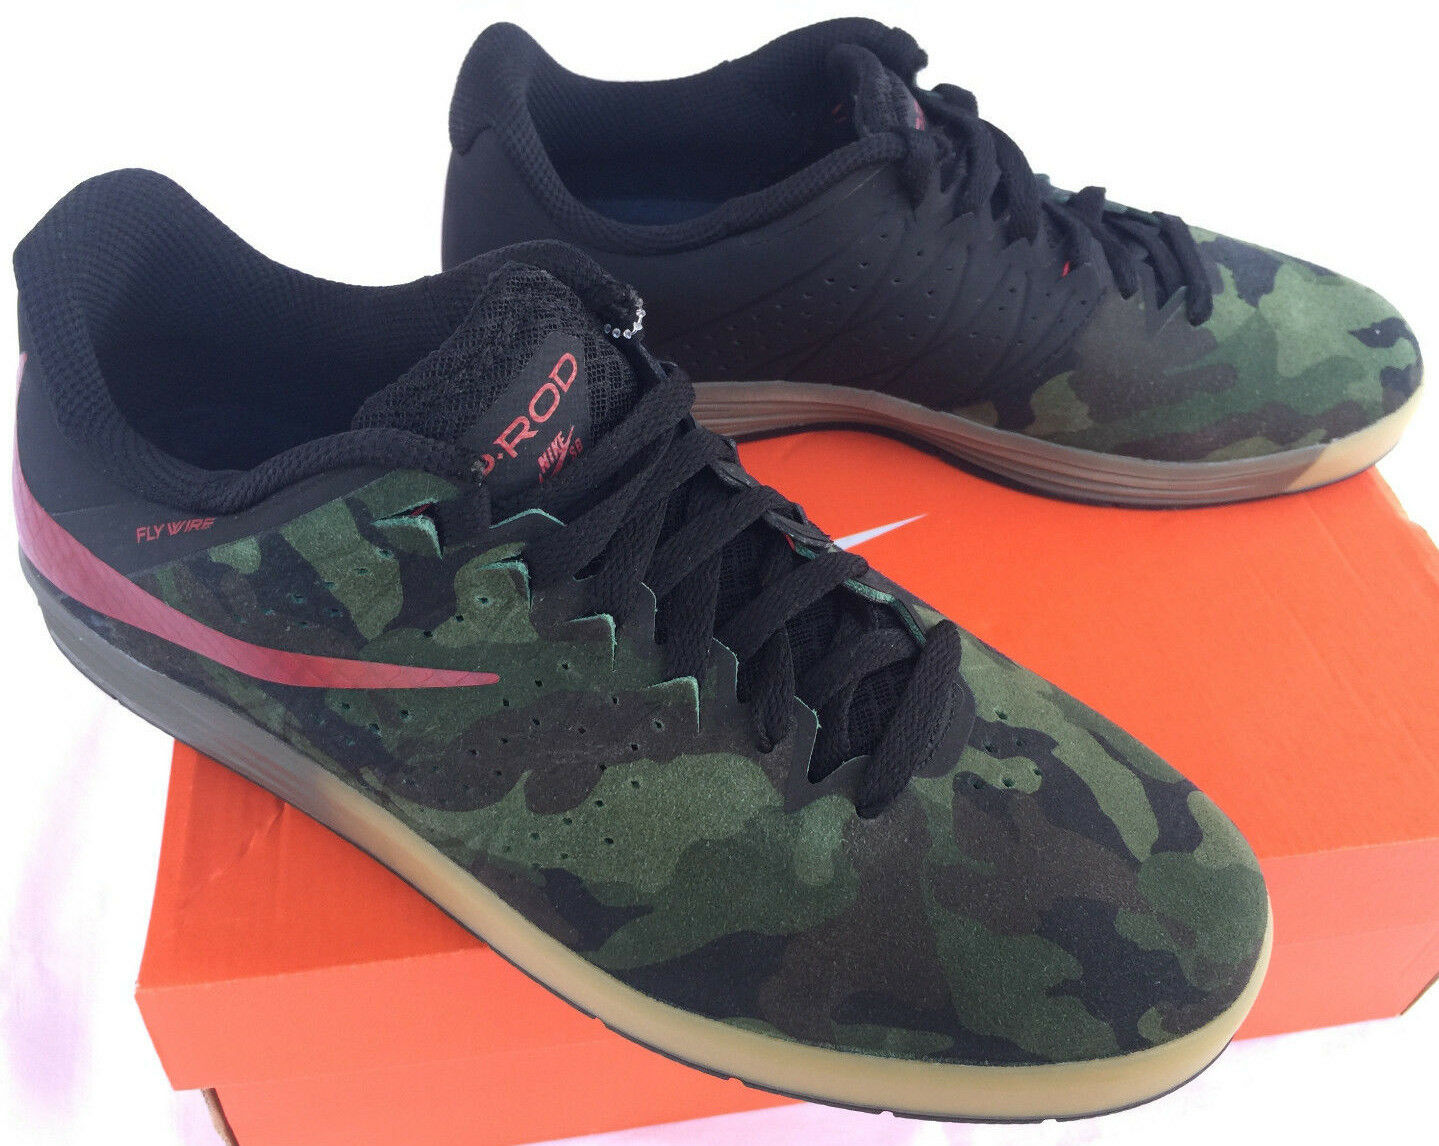 Nike SB Paul Rodriguez citidel 5553420188 Camo Skateboarding Zapatos Nuevo  para hombre 9 Nuevo Zapatos 02b35d